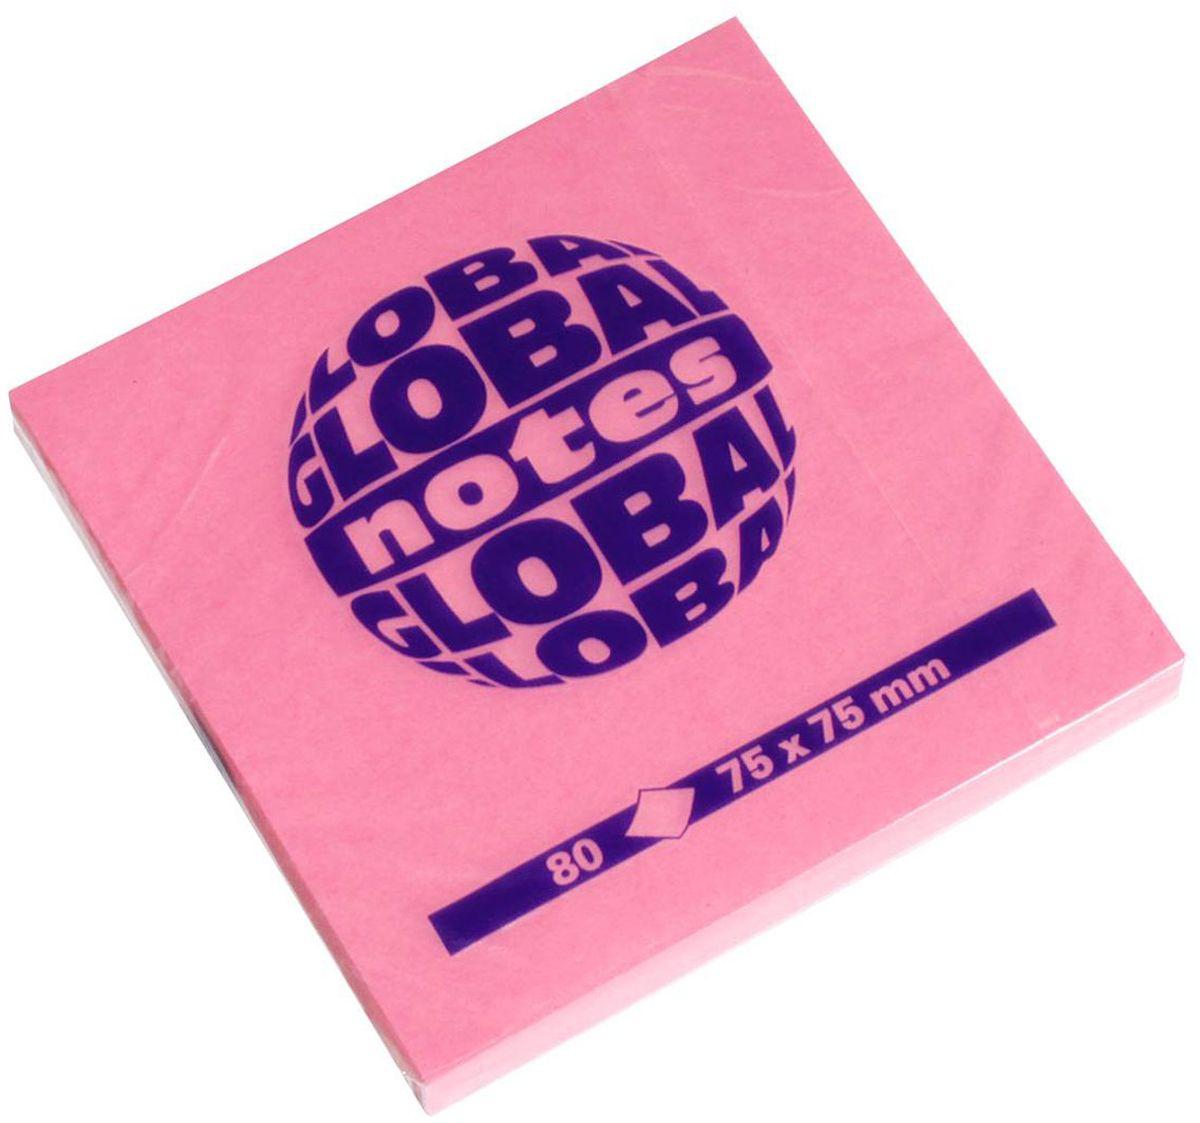 Global Notes Бумага для заметок с липким слоем цвет розовый 80 листов365432Бумага для заметок с липким слоем. Идеально подходит для информации, требующей особого внимания. Яркая цветовая гамма. Размер 75х75 мм. Цвет - ярко-розовый. В блоке 80 листов Плотность бумаги 70гр/м2